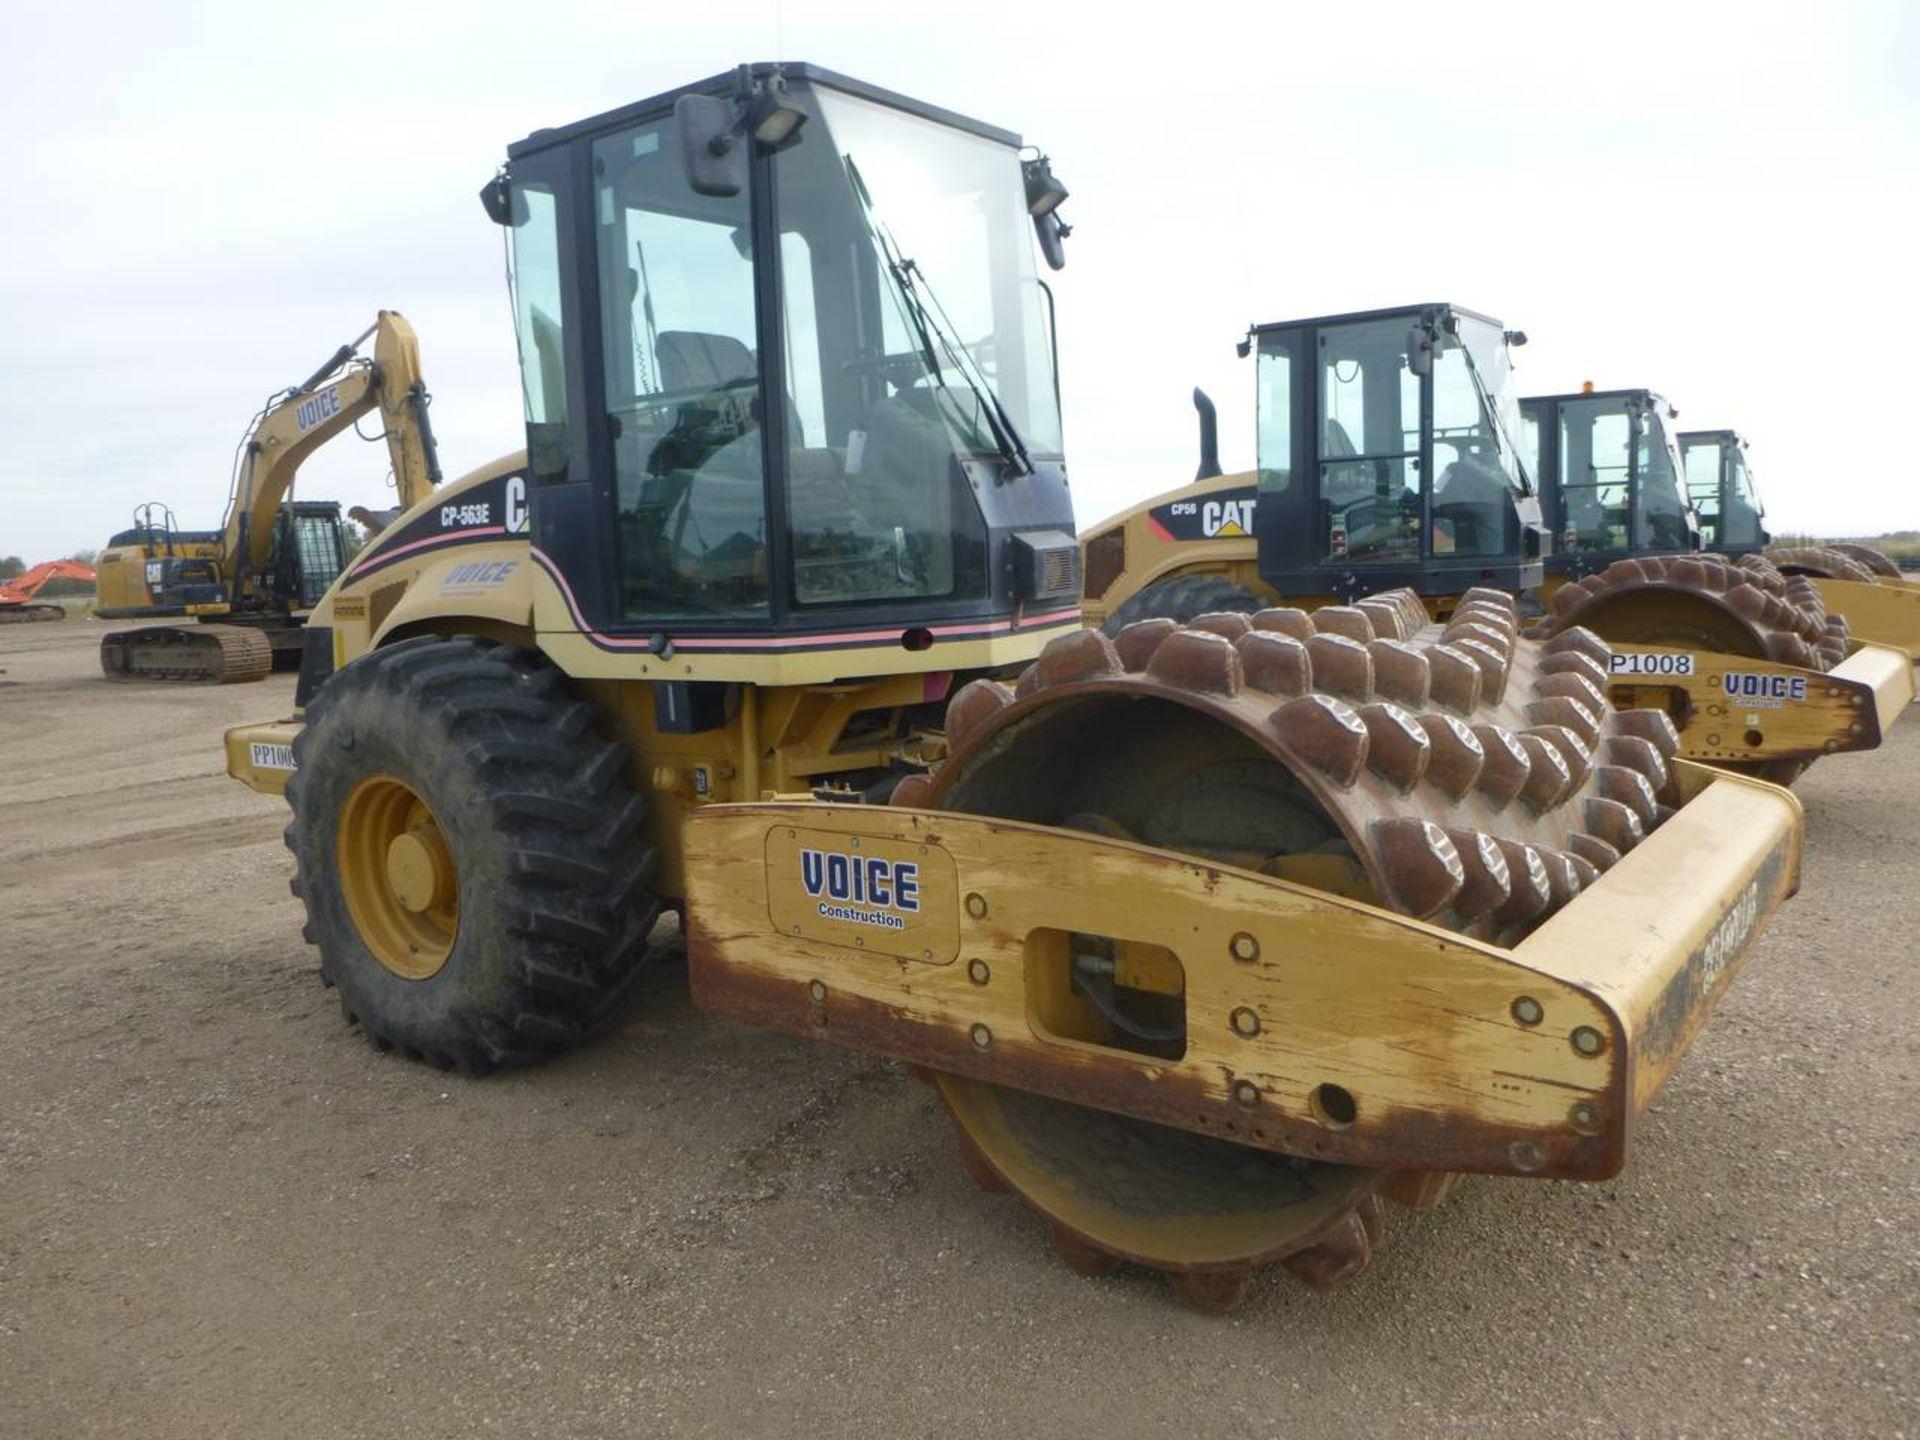 2006 Caterpillar CP-563E Compactor - Image 2 of 9